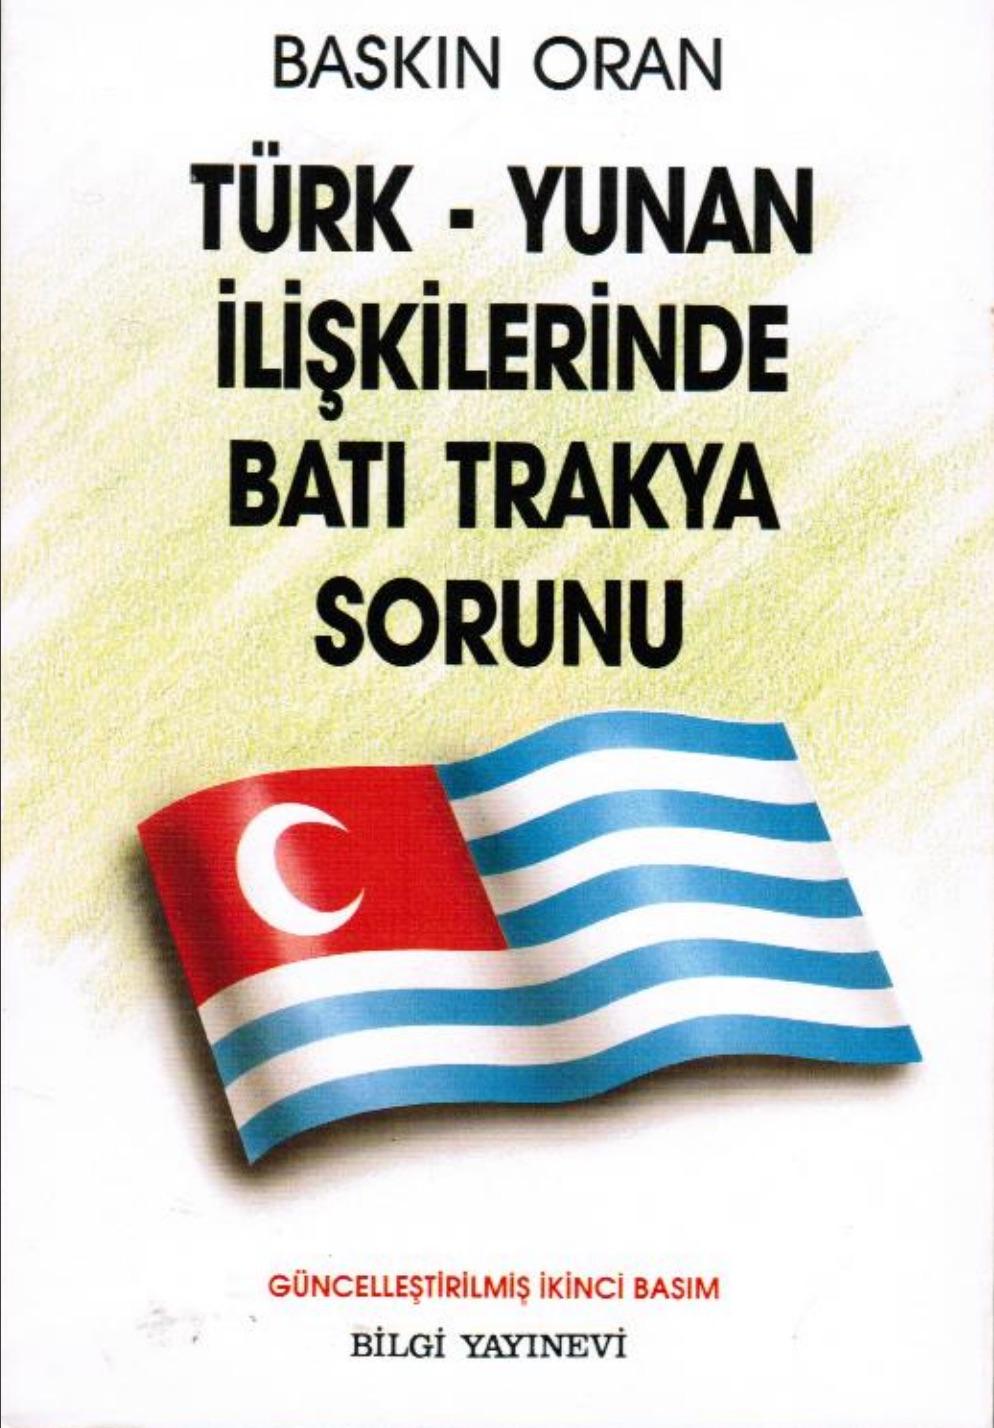 Türk-Yunan İlişkilerinde Batı Trakya Sorunu, 1986